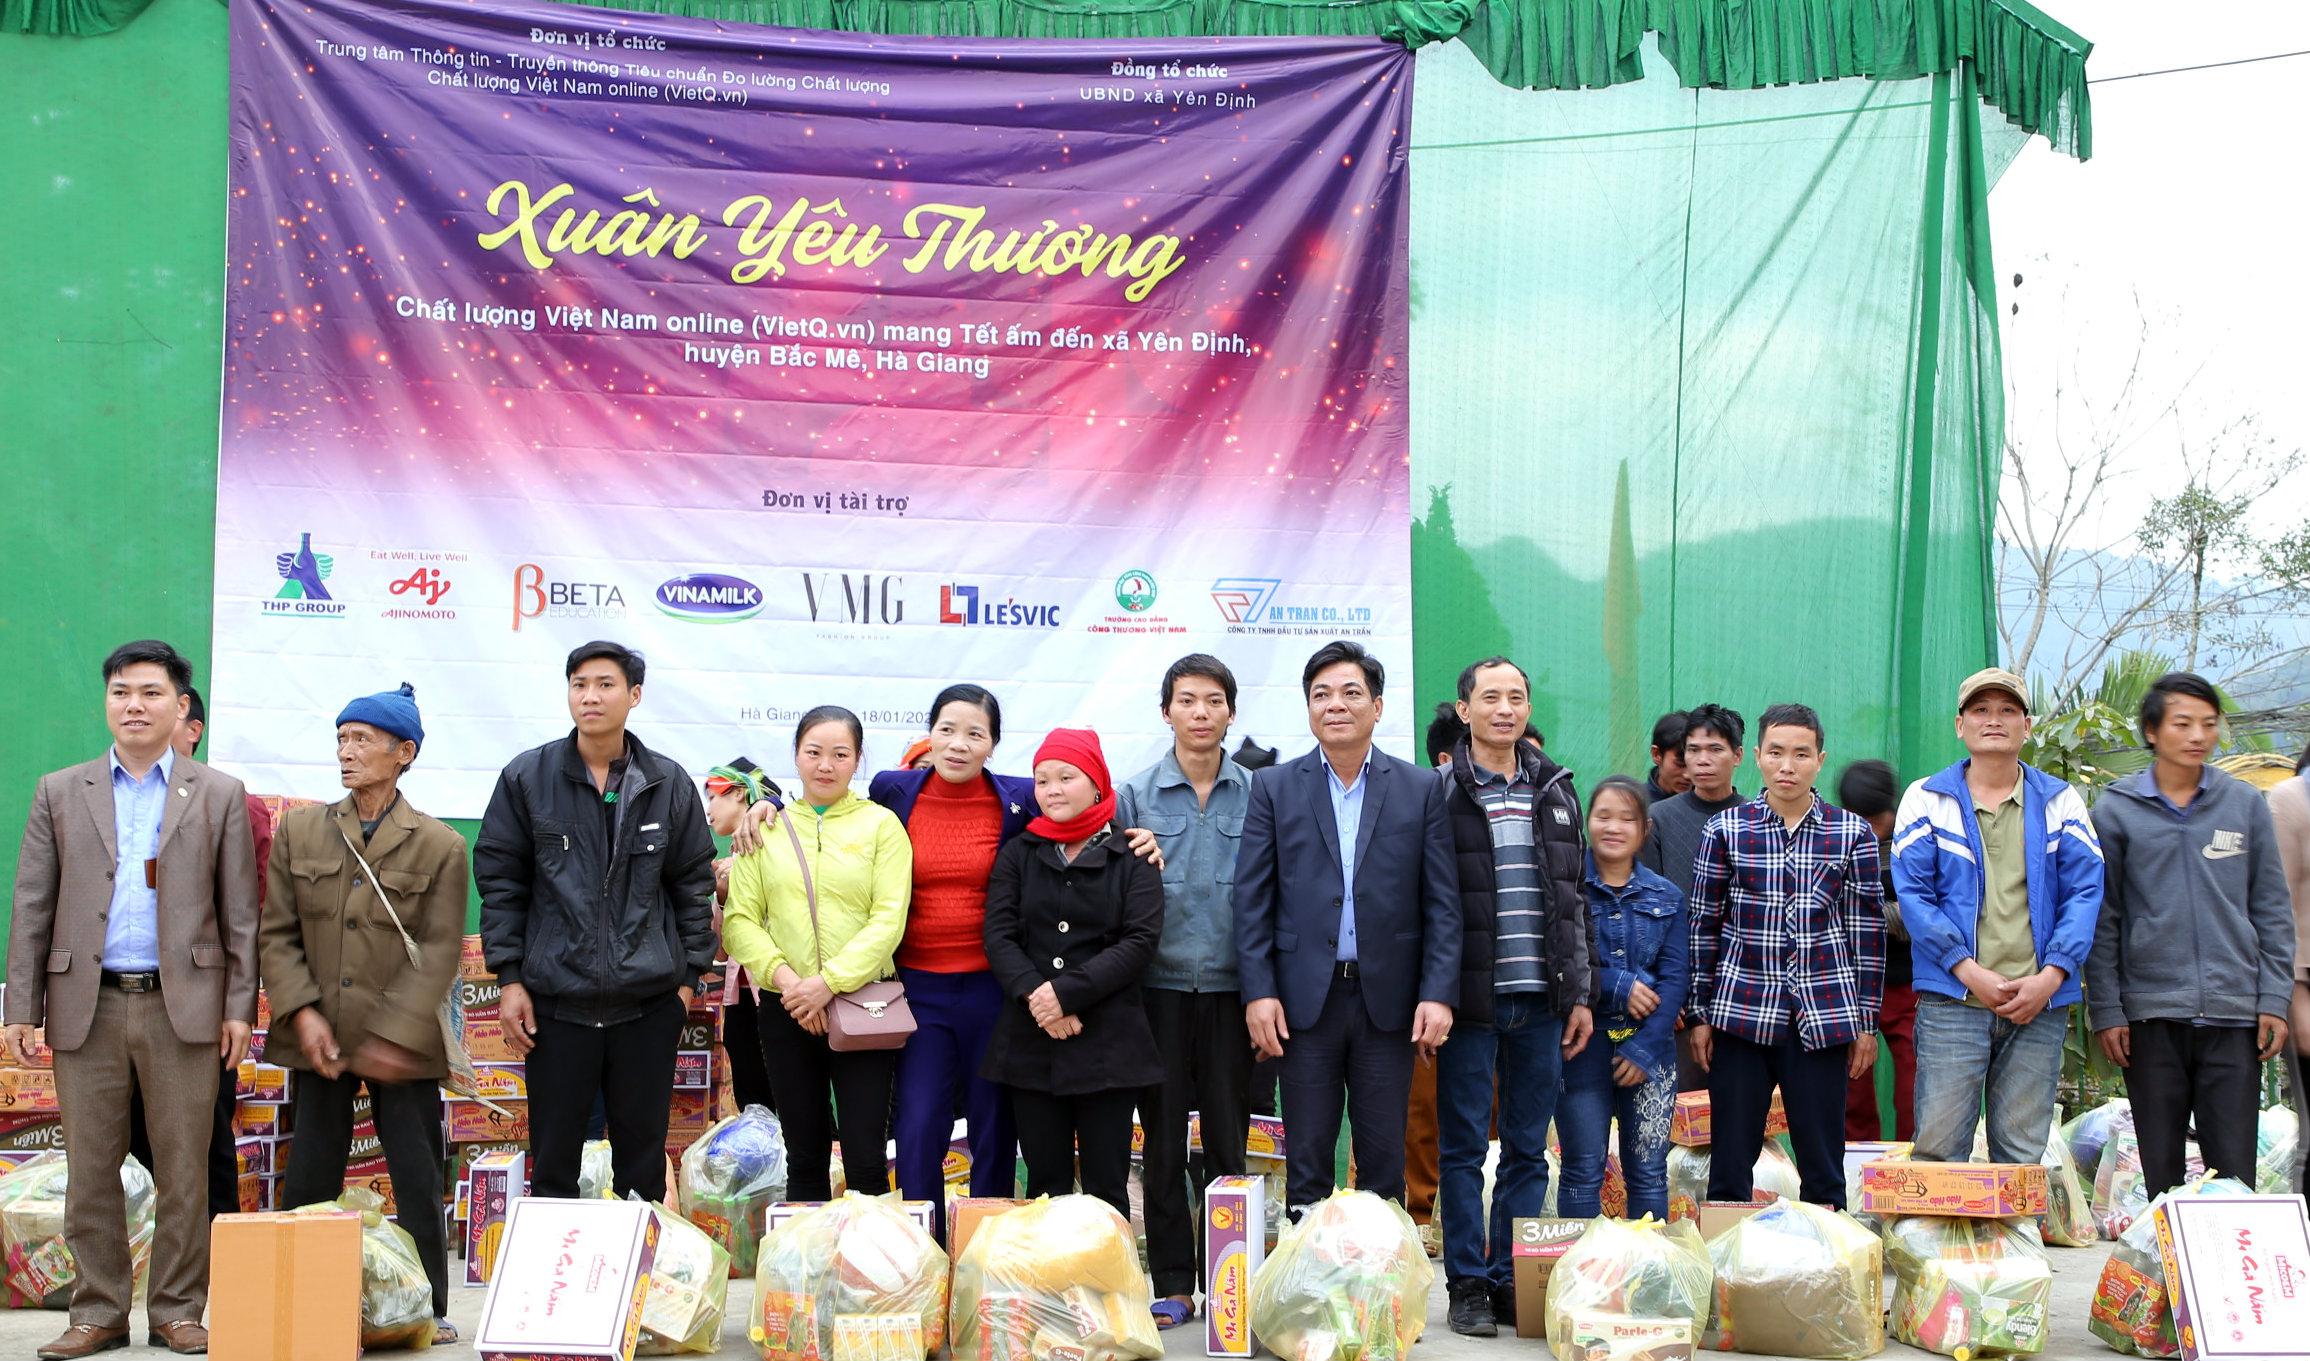 Chất lượng Việt Nam Online phát động chương trình 'Tết ấm cho người nghèo' huyện Võ Nhai, Thái Nguyên